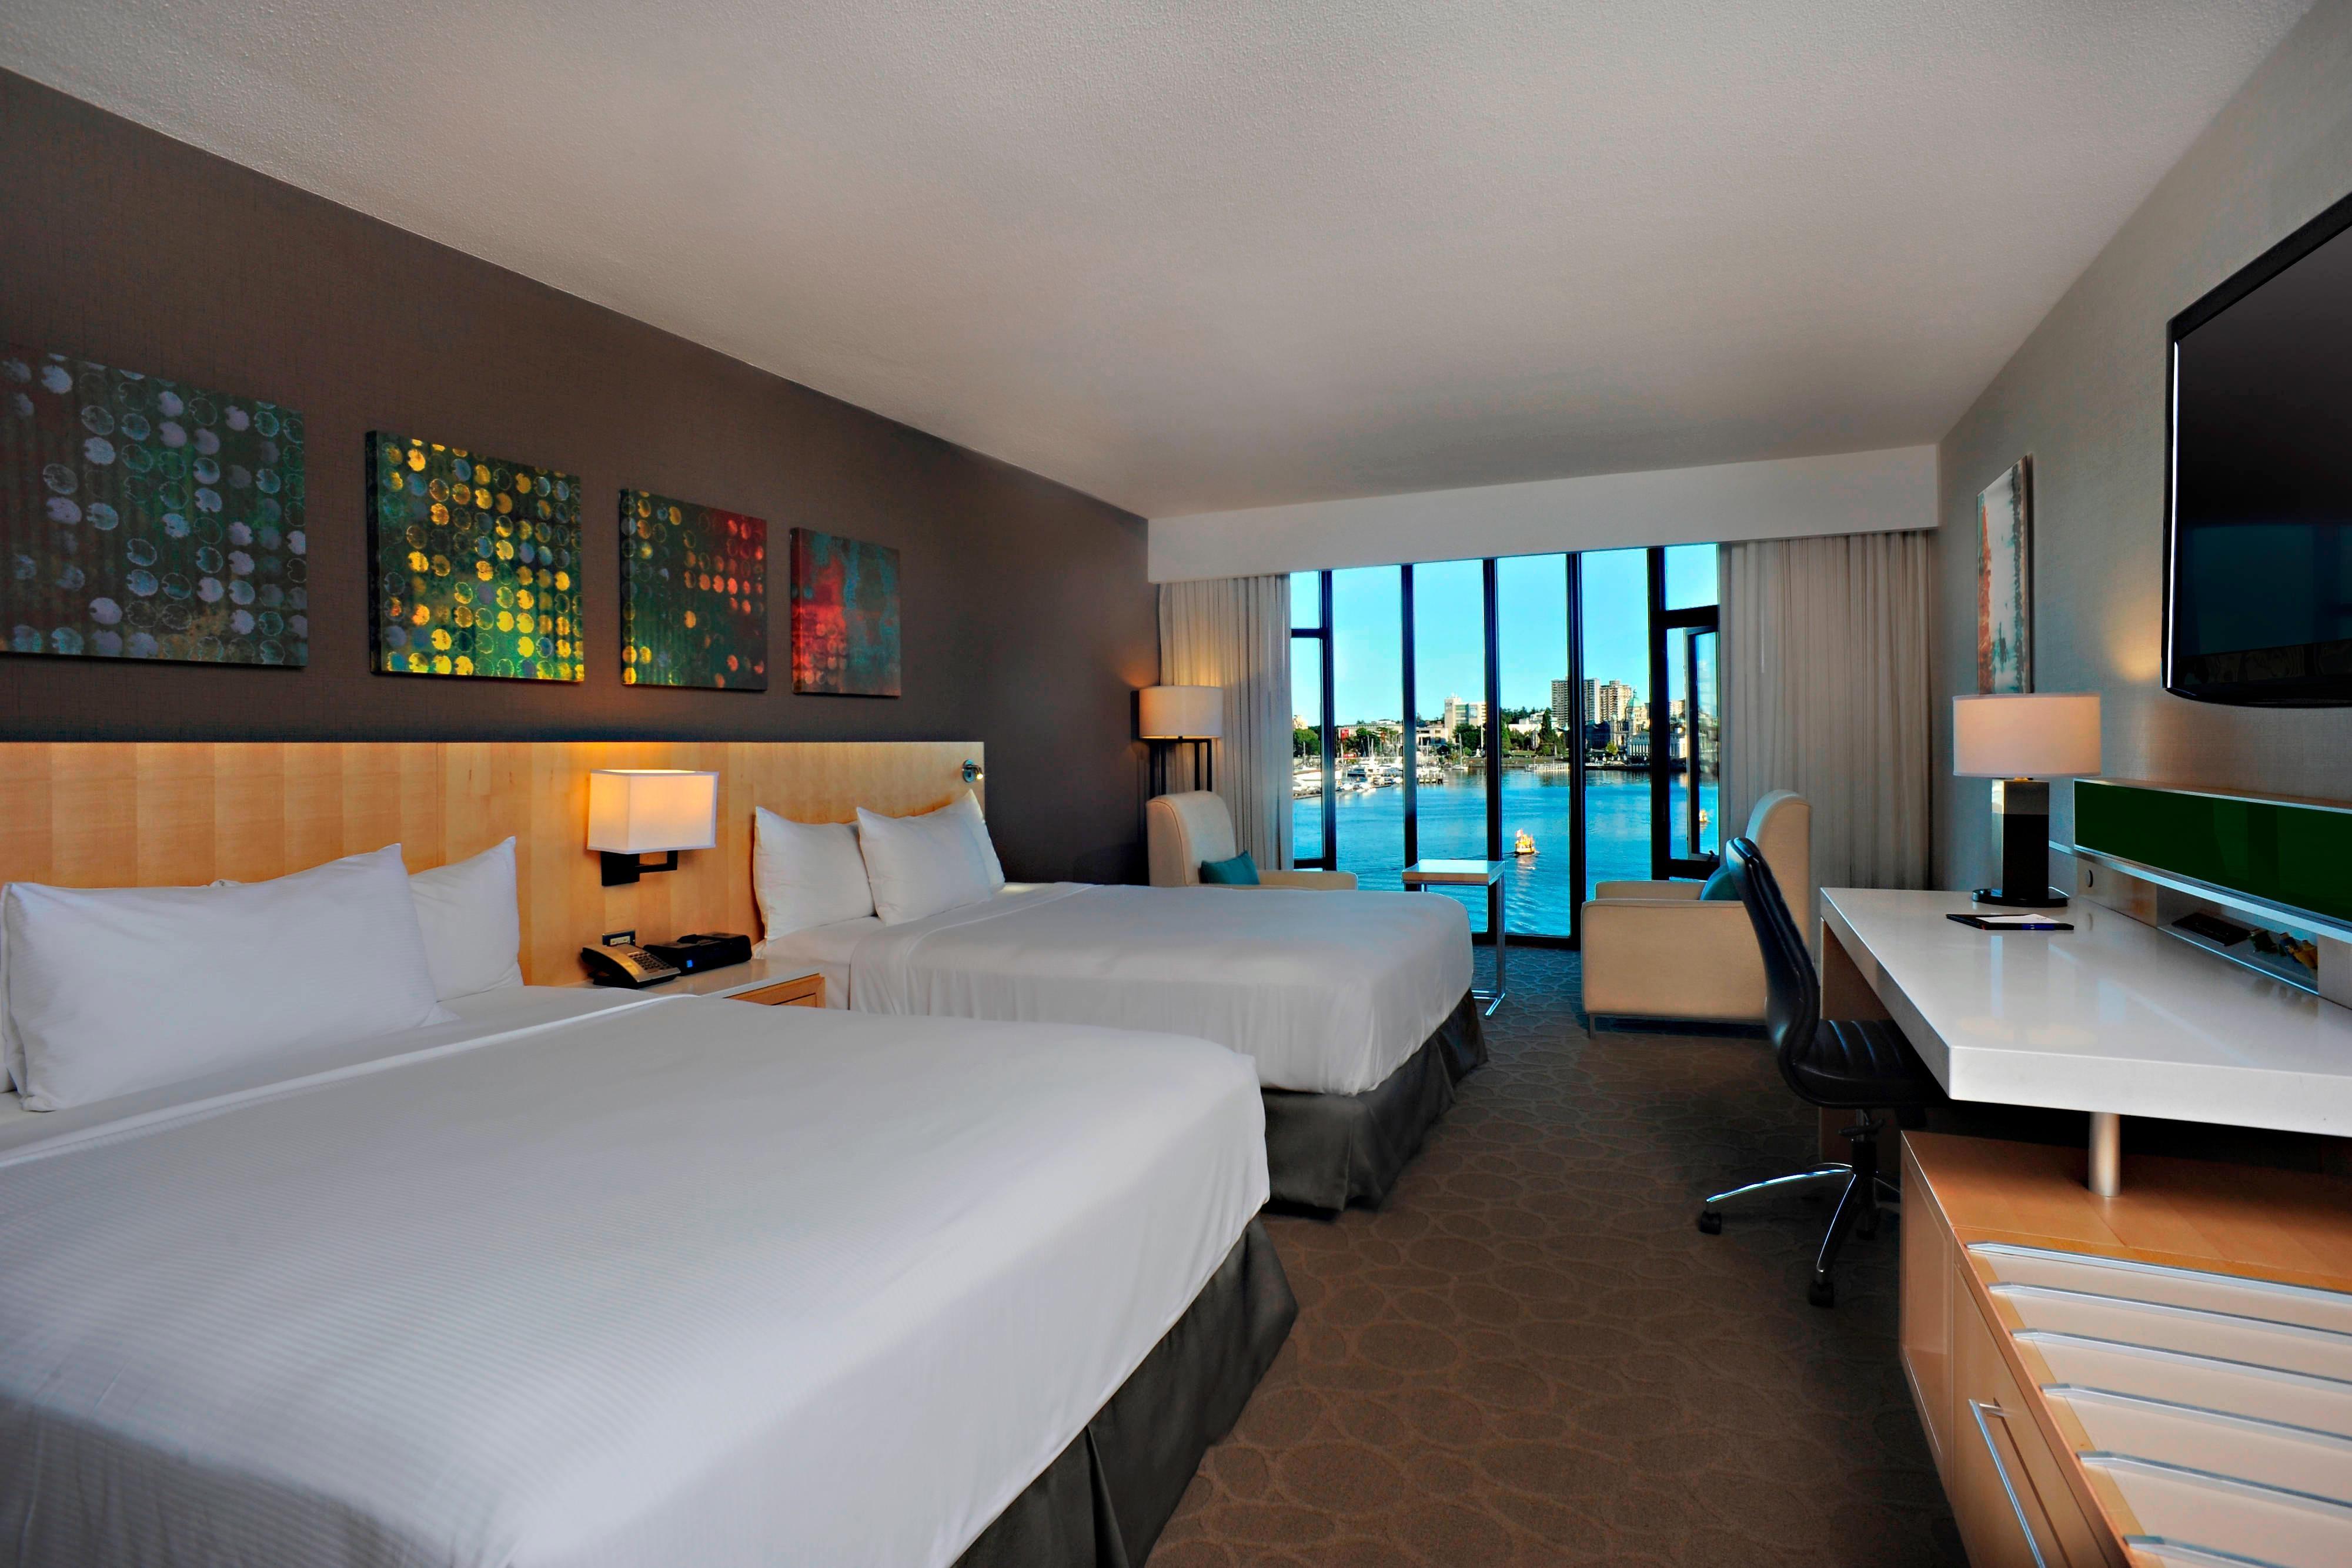 Deluxe-Gästezimmer mit zwei Queensize-Betten – Blick aufs Wasser